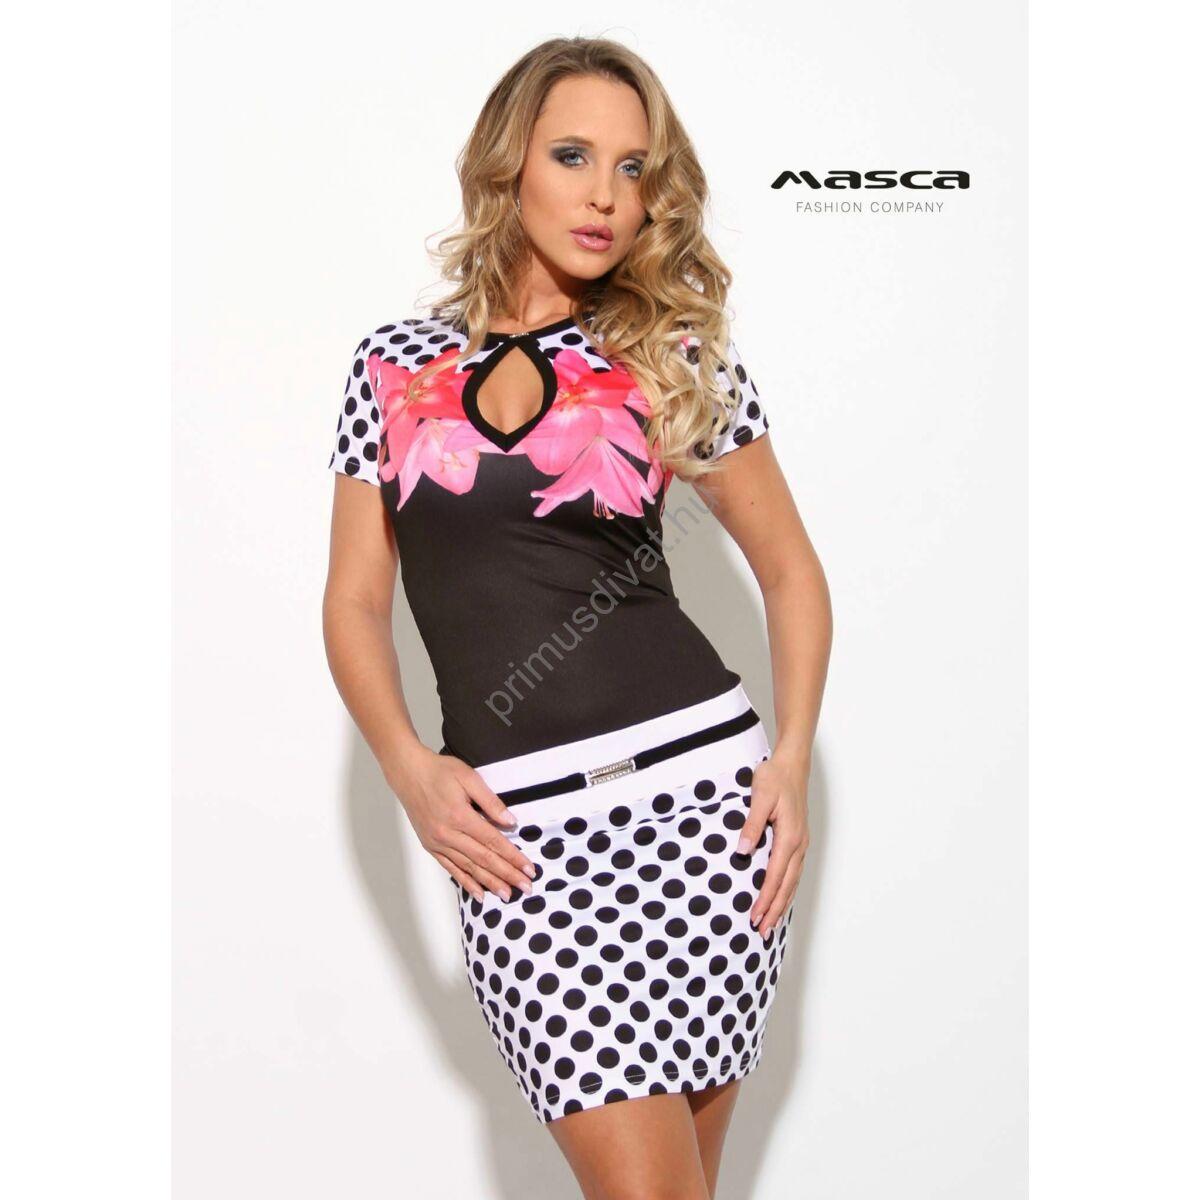 f58b656d9cb7 Kép 1/1 - Masca Fashion csepp-kivágott dekoltázsú virágos fekete-fehér  pöttyös rövid ujjú szűk miniruha, elején övpánttal